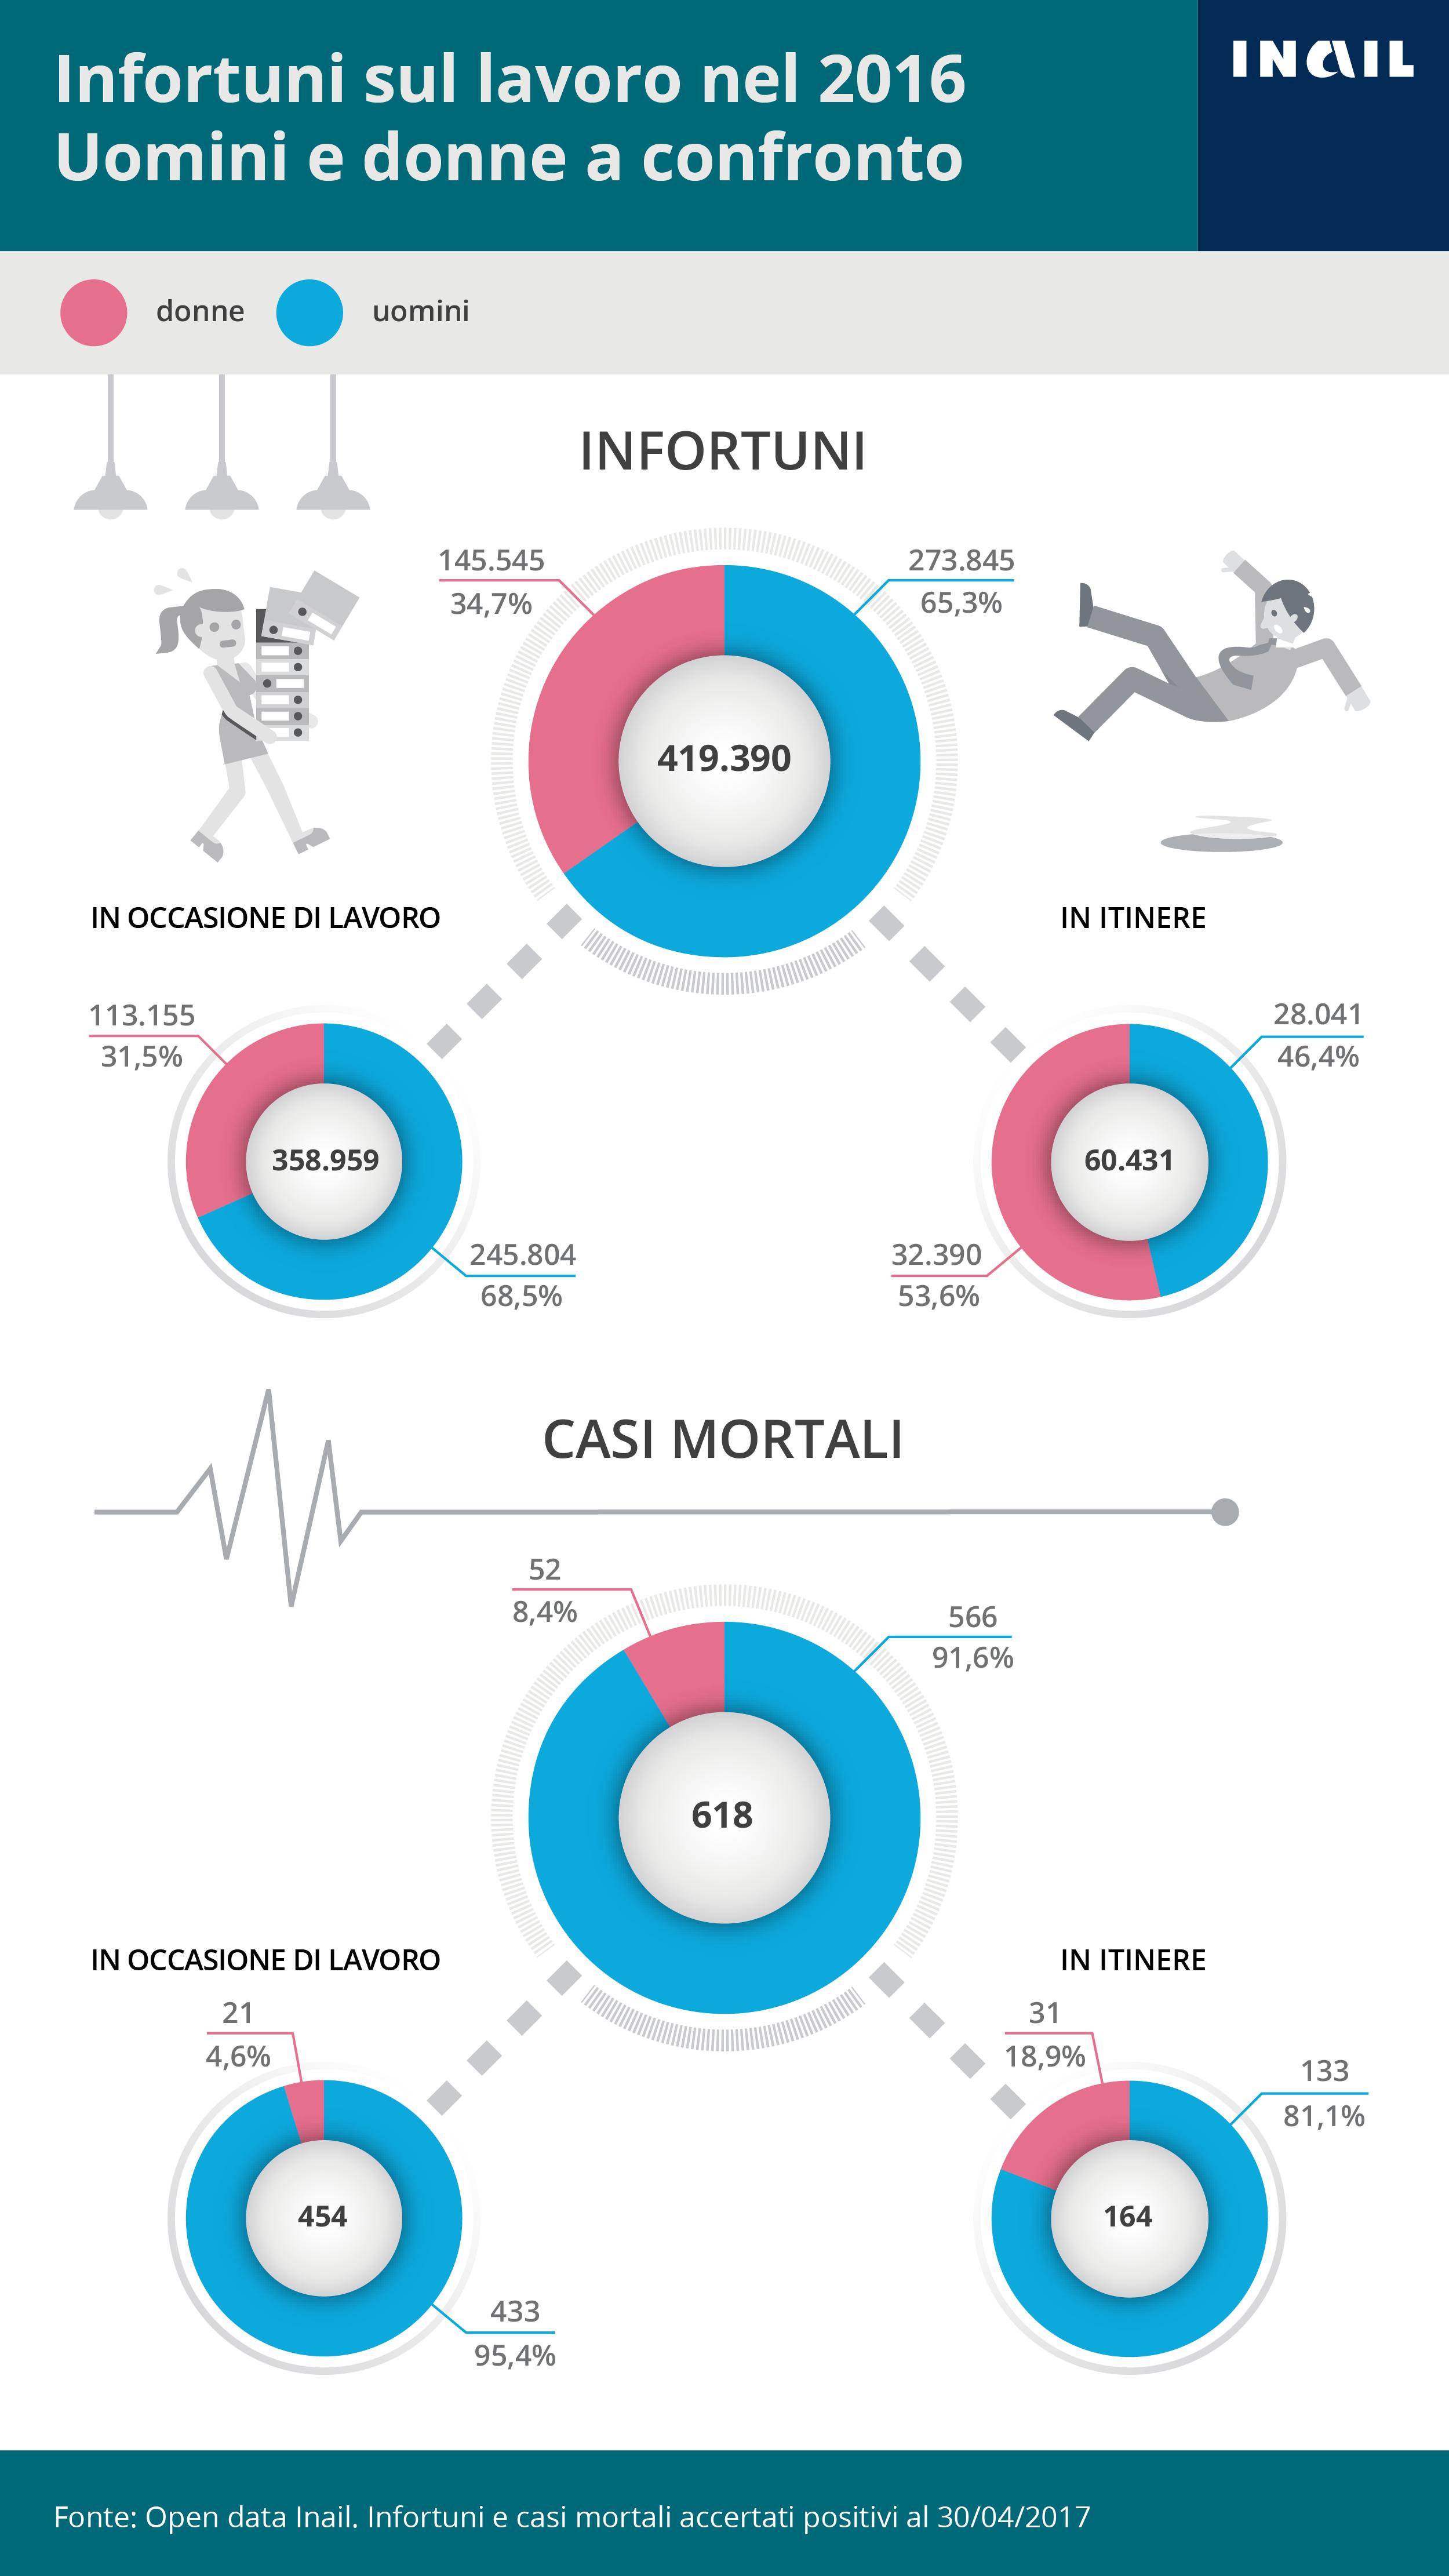 L'infografica illustra Gli infortuni accertati dall'Inail per genere - 2016